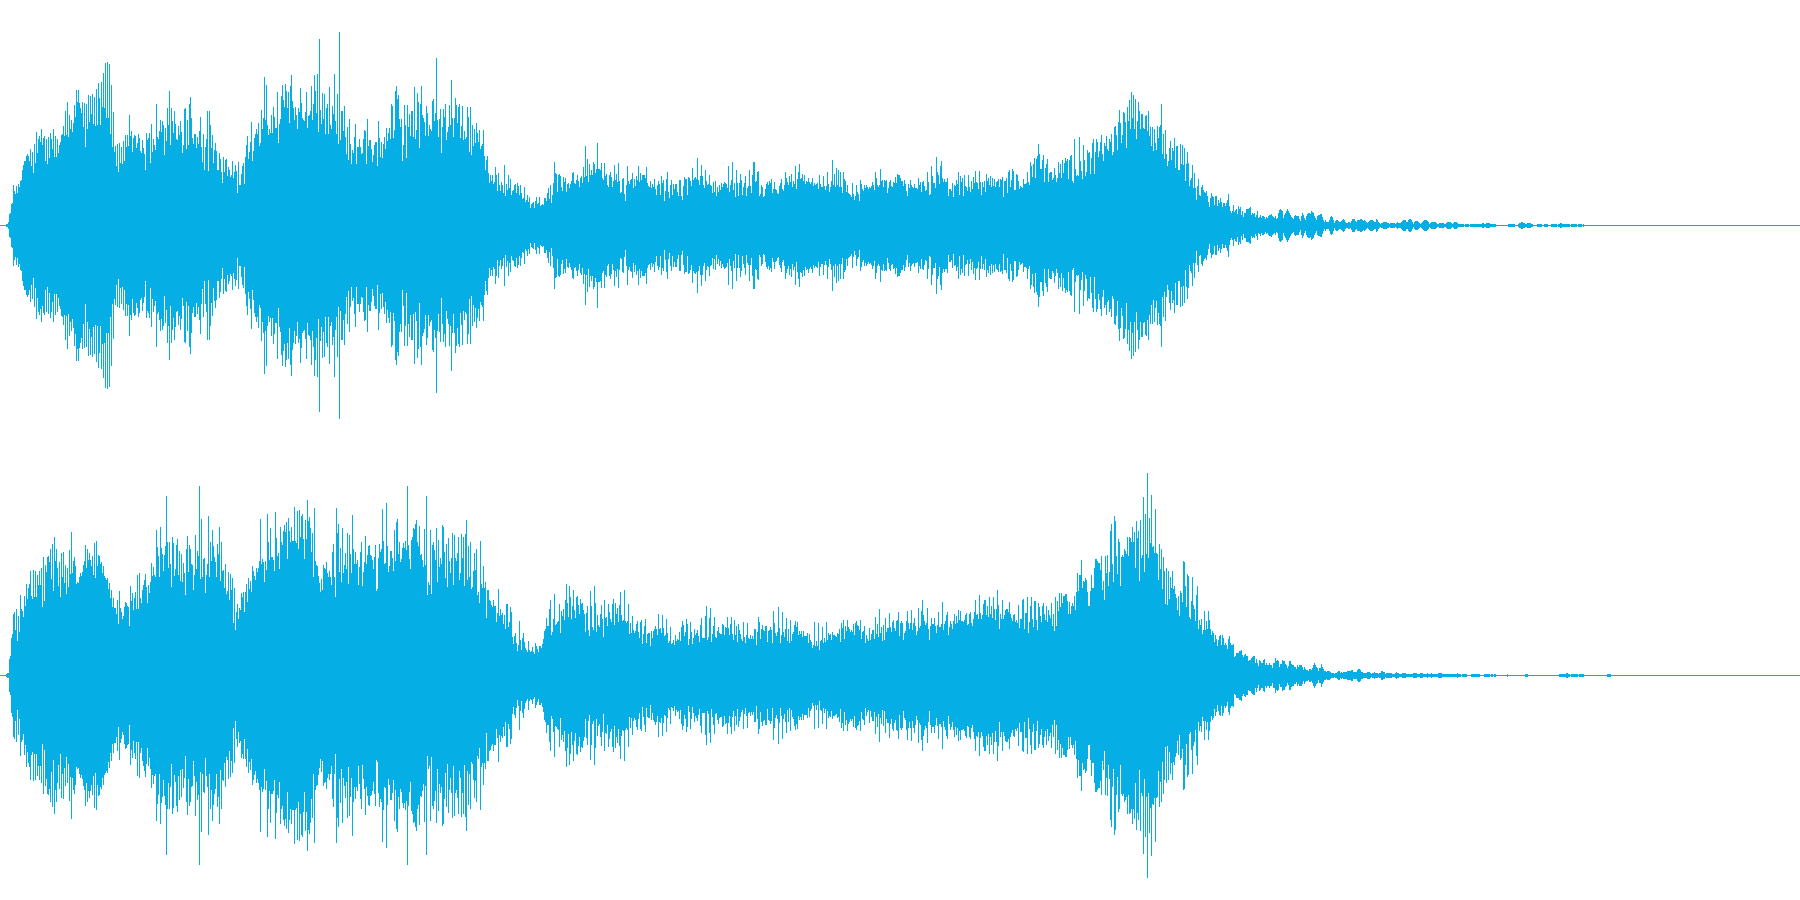 華やかで明るいファンファーレ4 金管のみの再生済みの波形